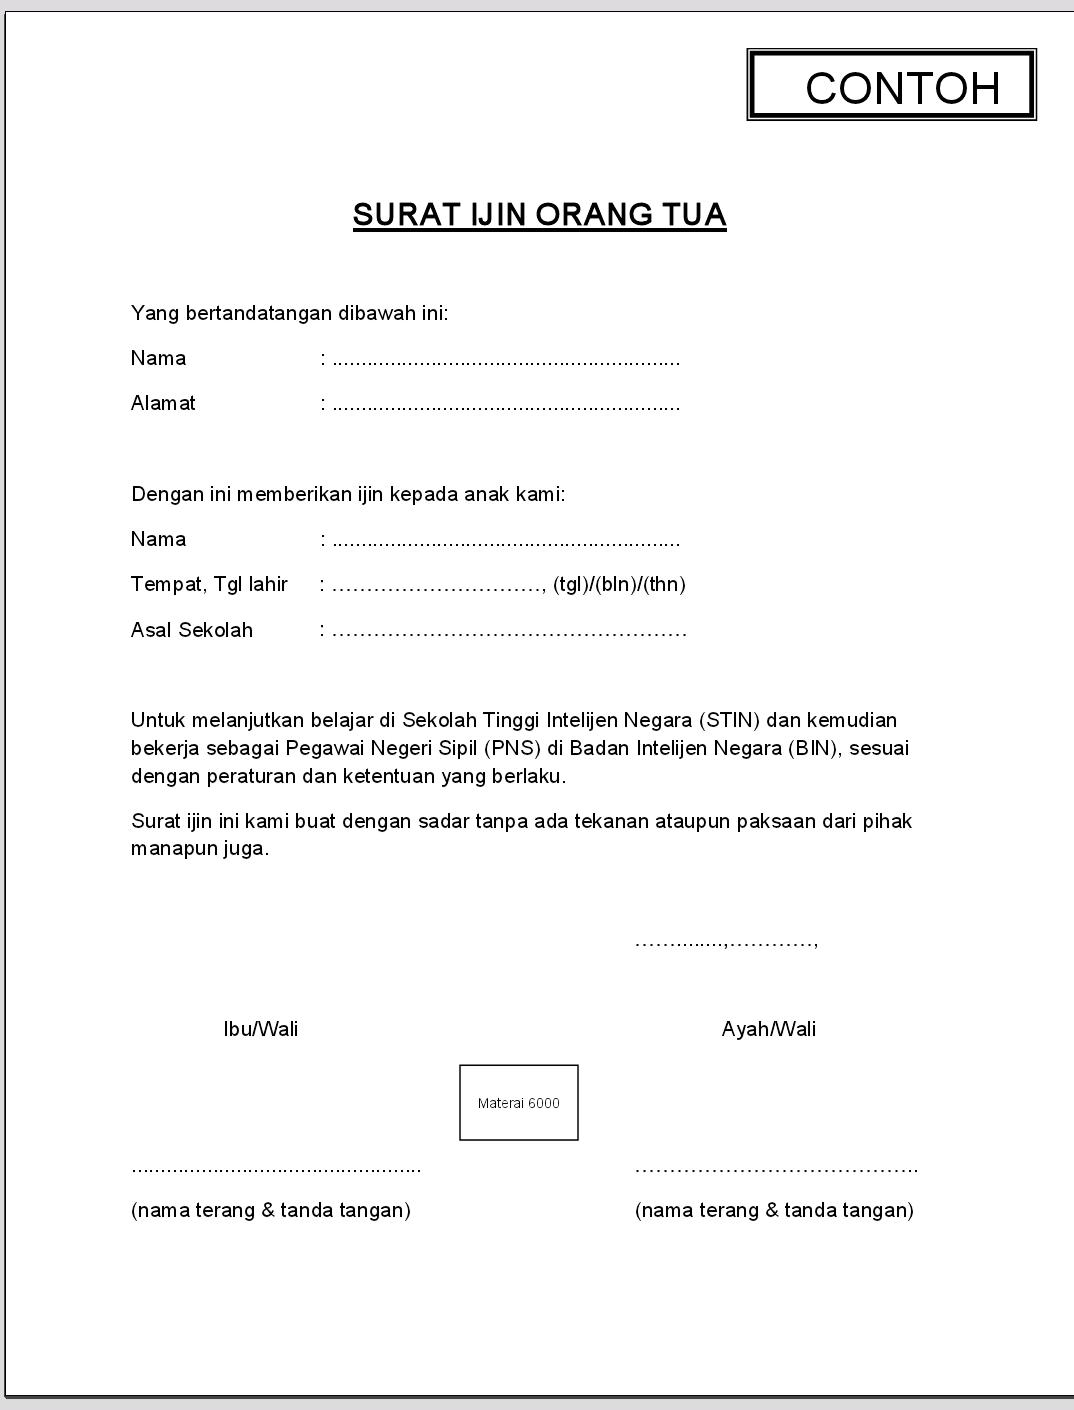 Surat Ijin Orang Tua Kuliahgratisid